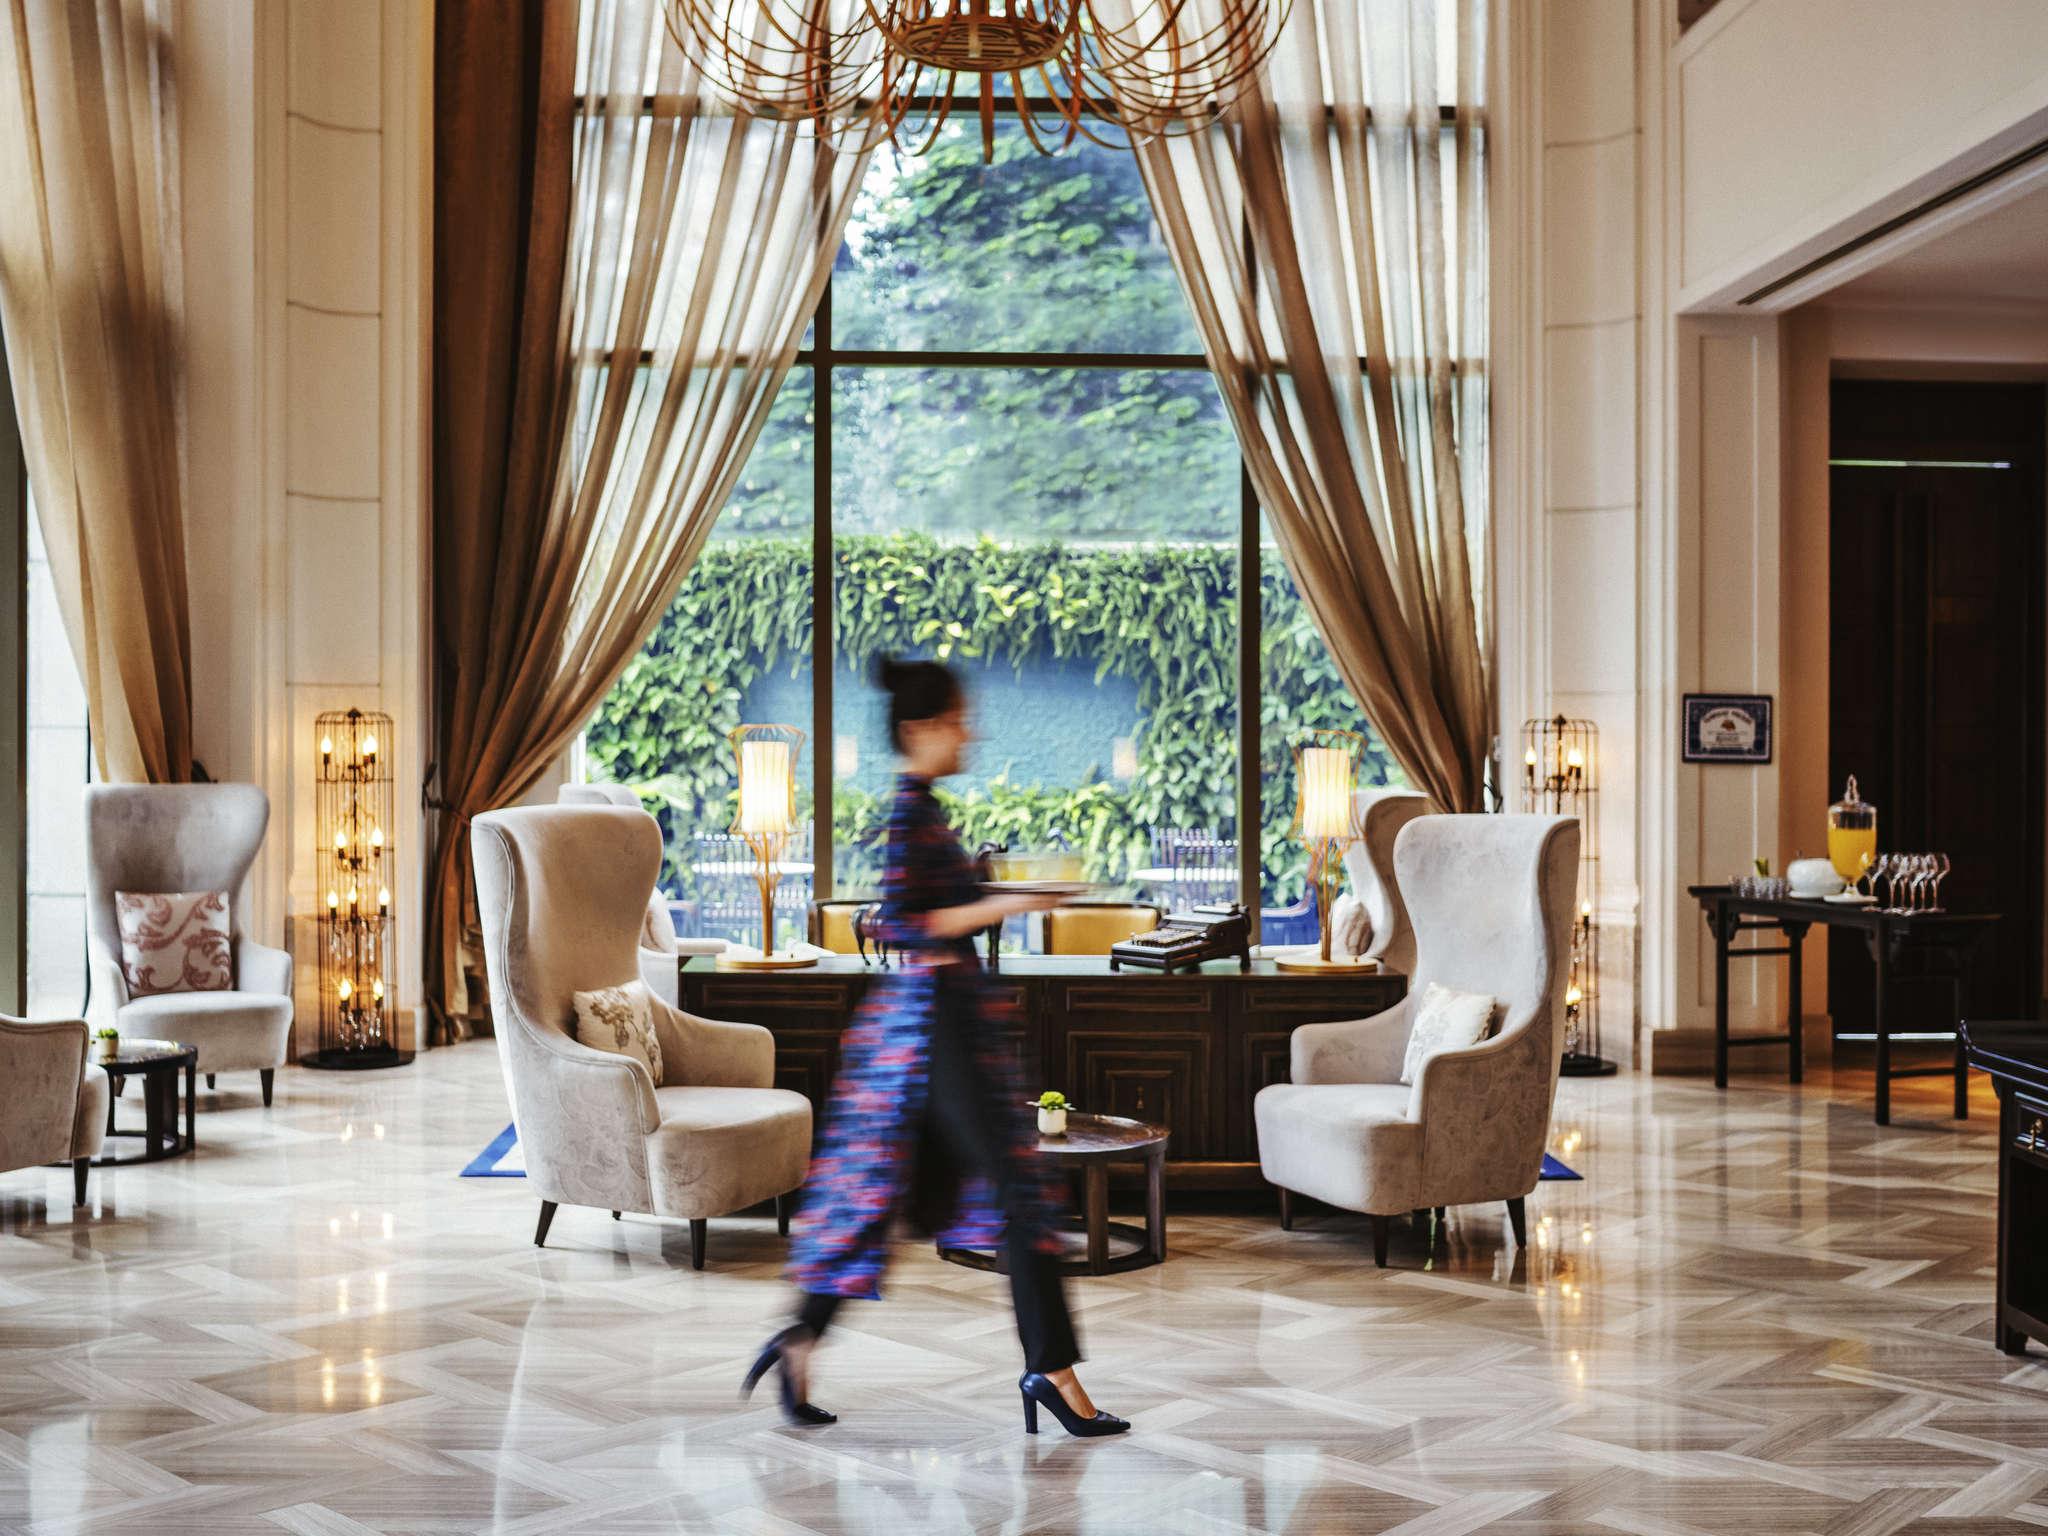 โรงแรม – โรงแรม เด ซาร์ ไซ่ง่อน เอ็มแกลเลอรี คอลเลคชั่น